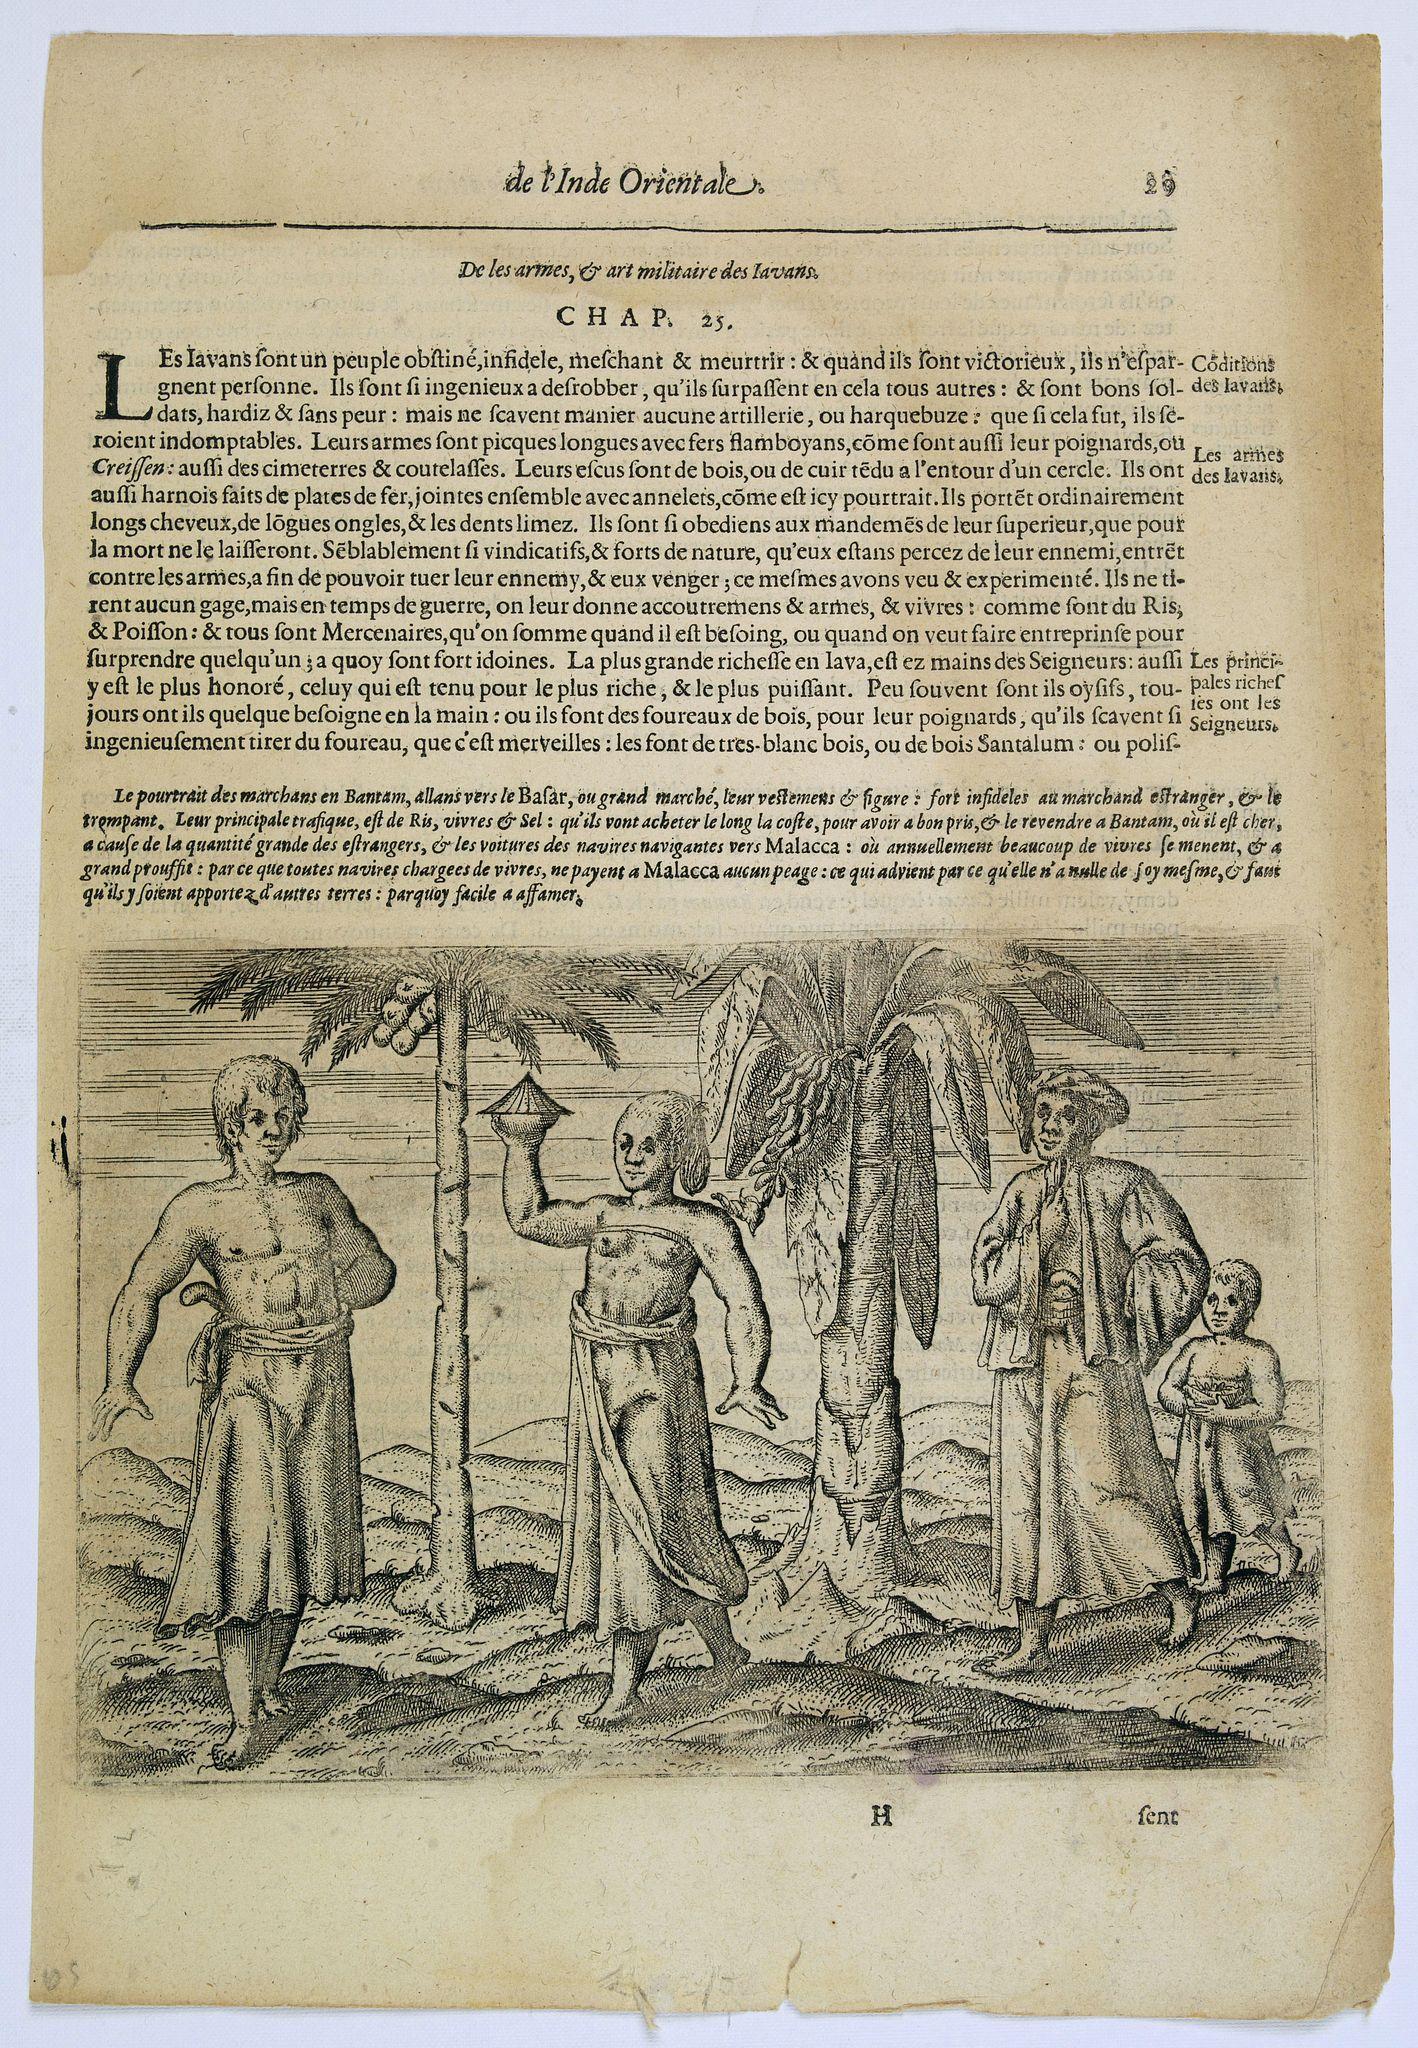 LODEWYCKSZ, Willem -  [Bantam].